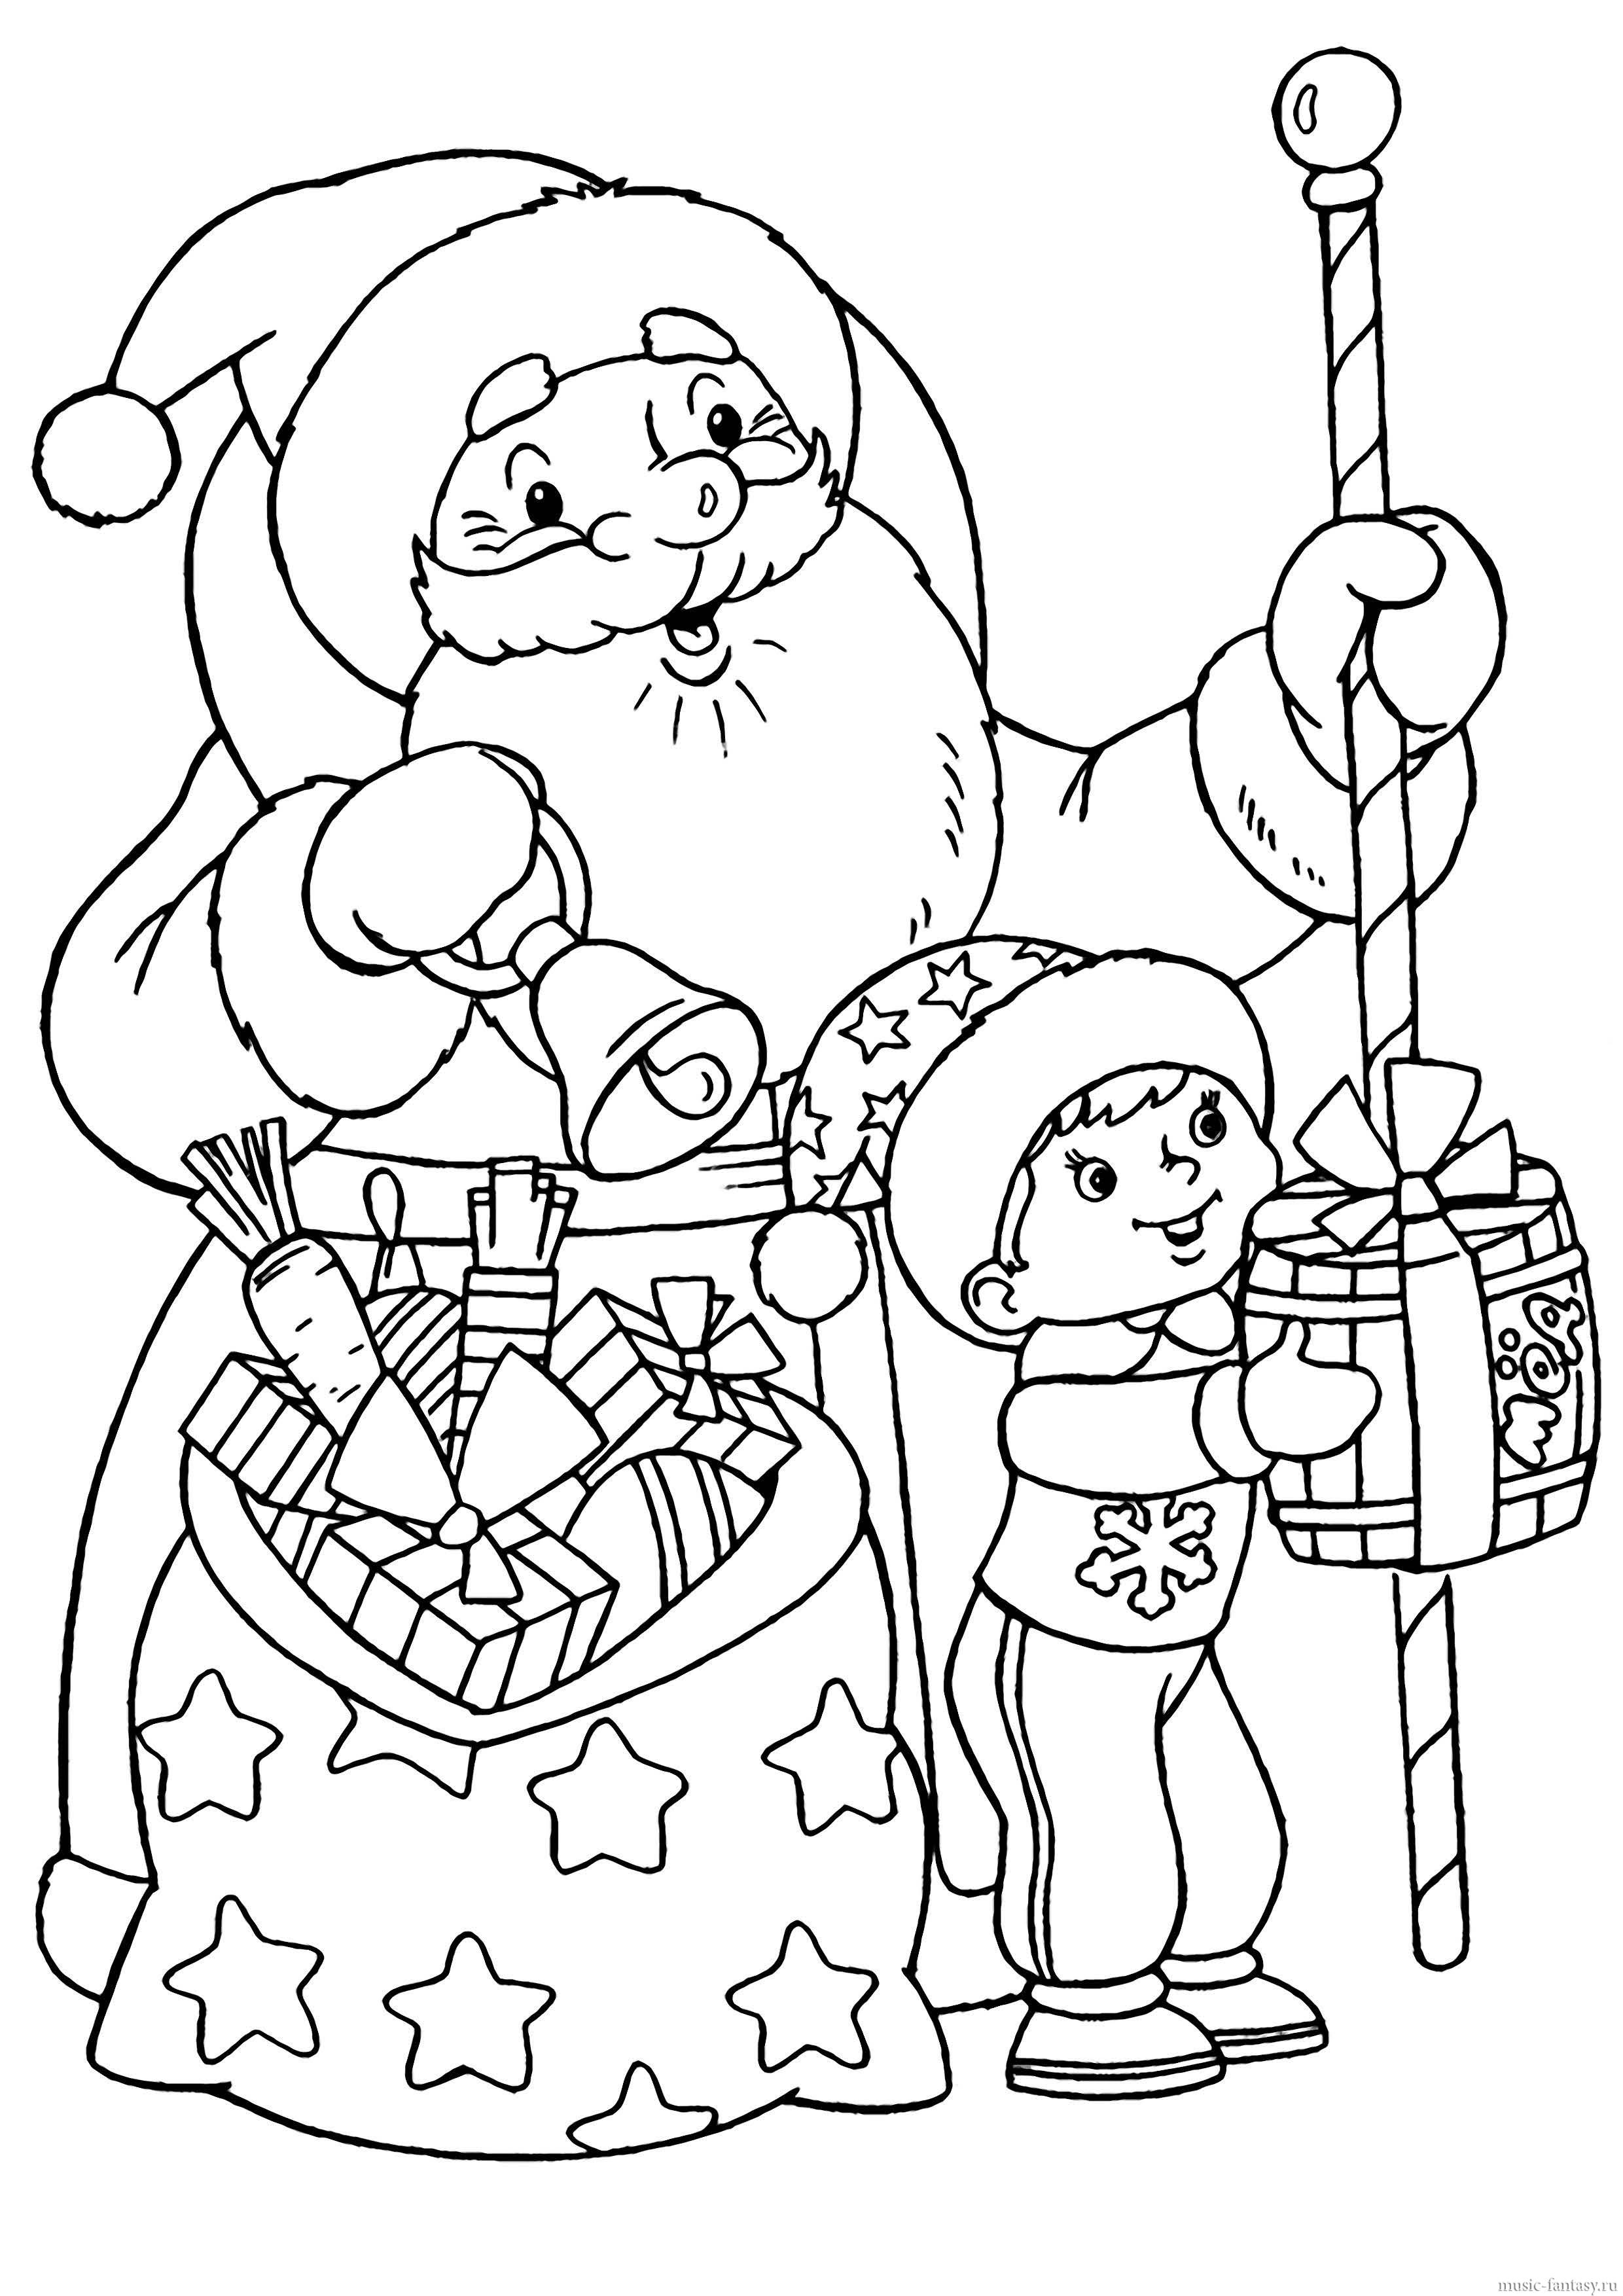 """Мы собрали тематические  """"зимние """" раскраски для ваших детей: раскраски Деда Мороза, Снегурочки, Снеговика и зимнего..."""